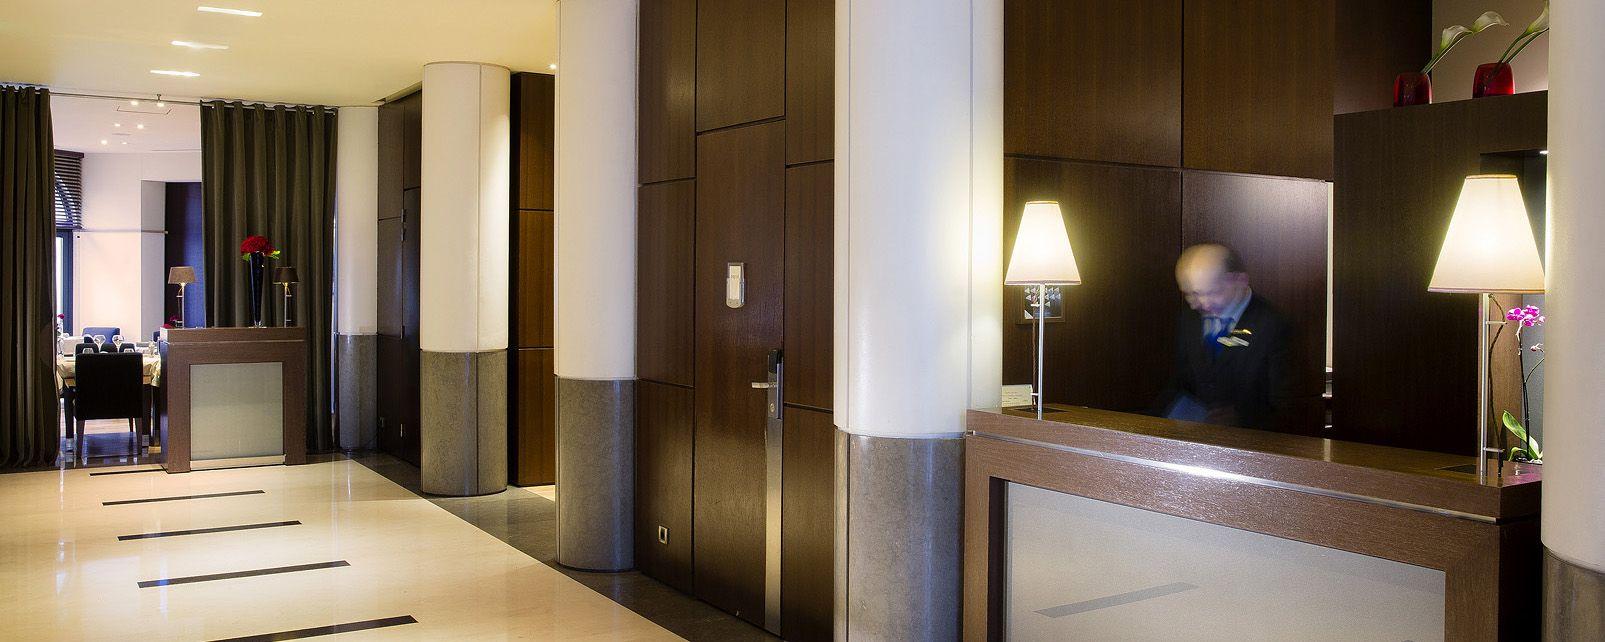 Hotel Radisson SAS Champs Elysees